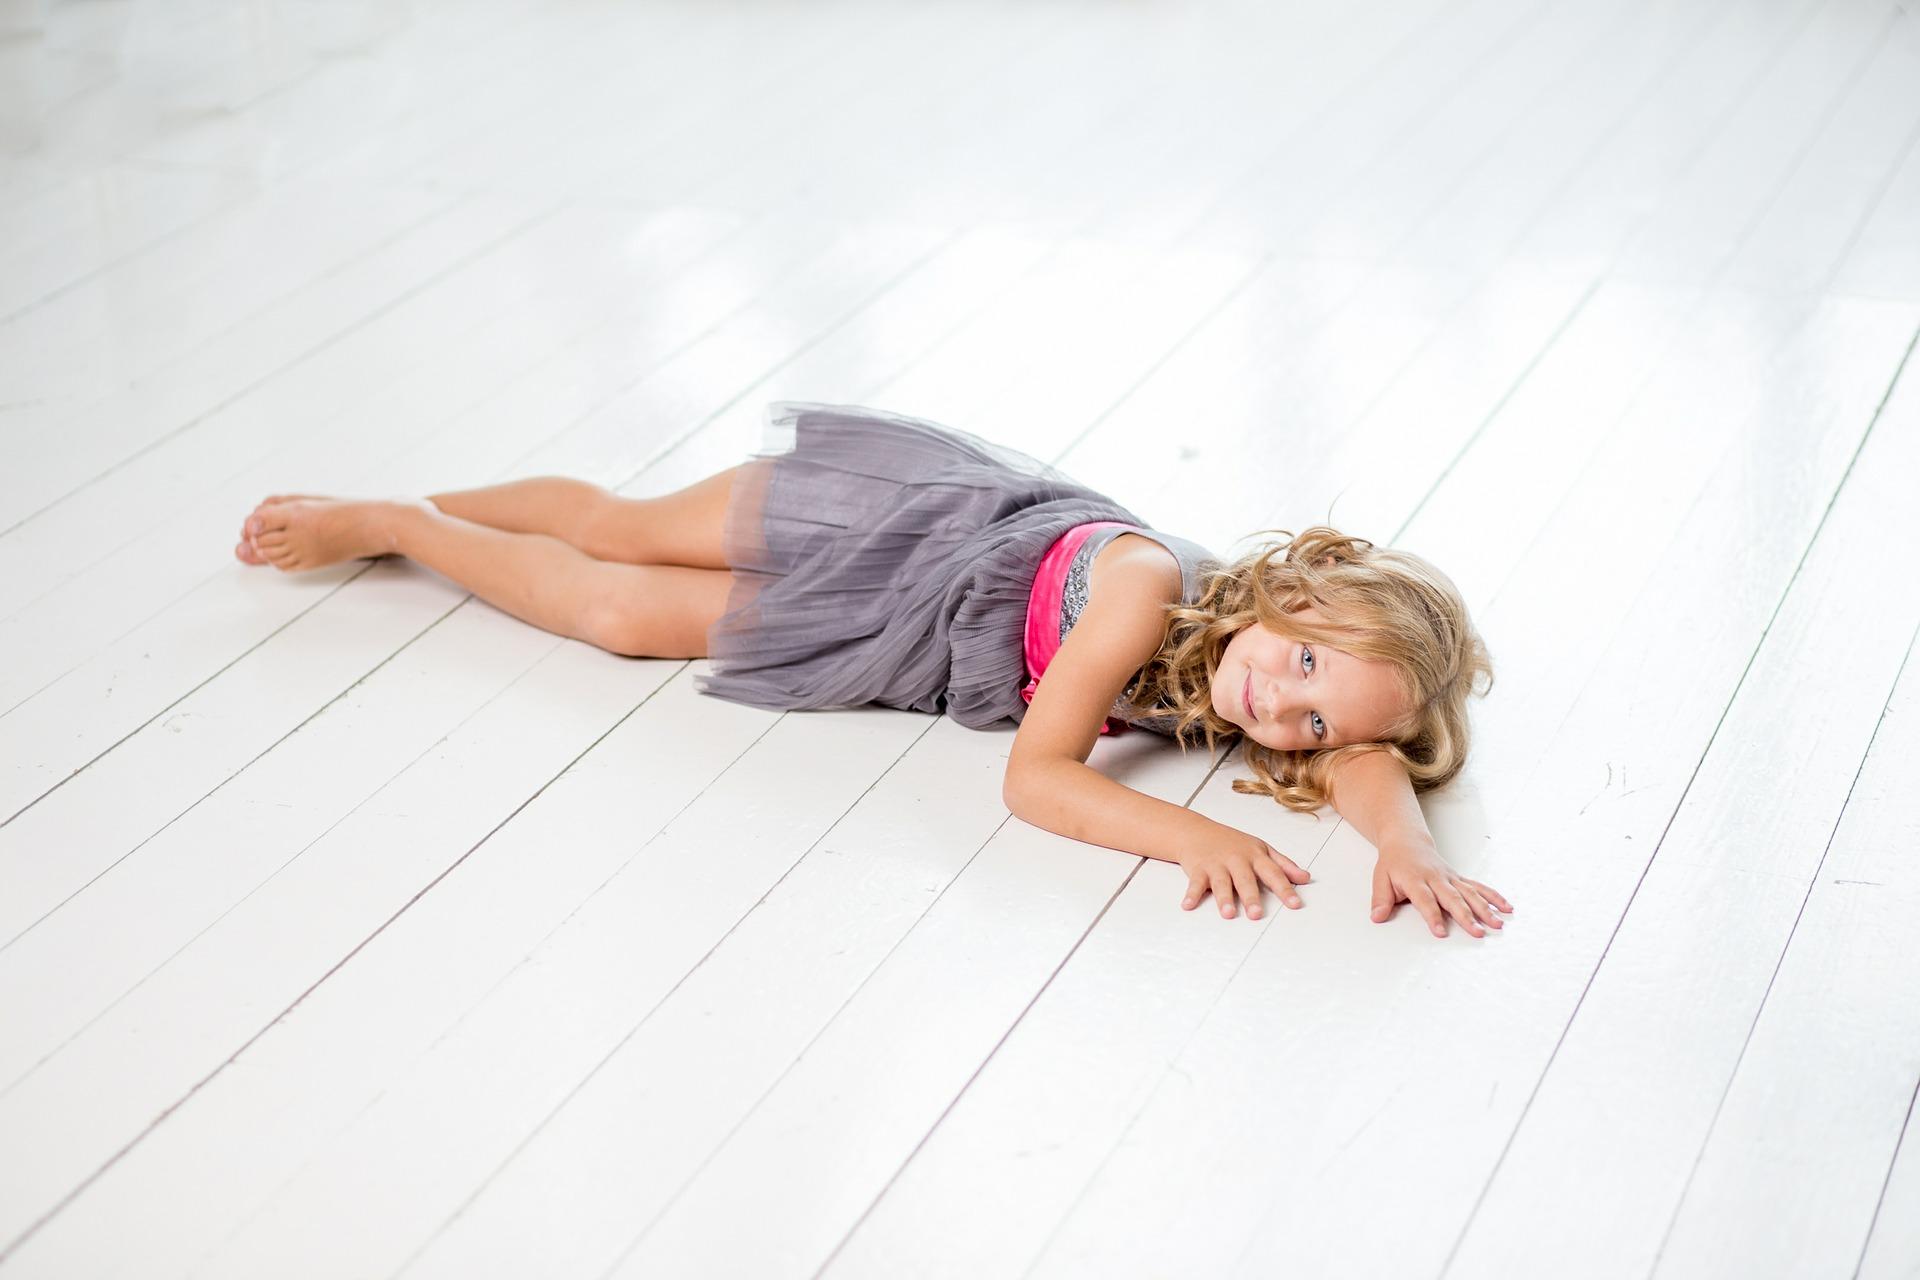 Ottimizzare Riscaldamento A Pavimento riscaldamento a pavimento: come usarlo per il raffrescamento